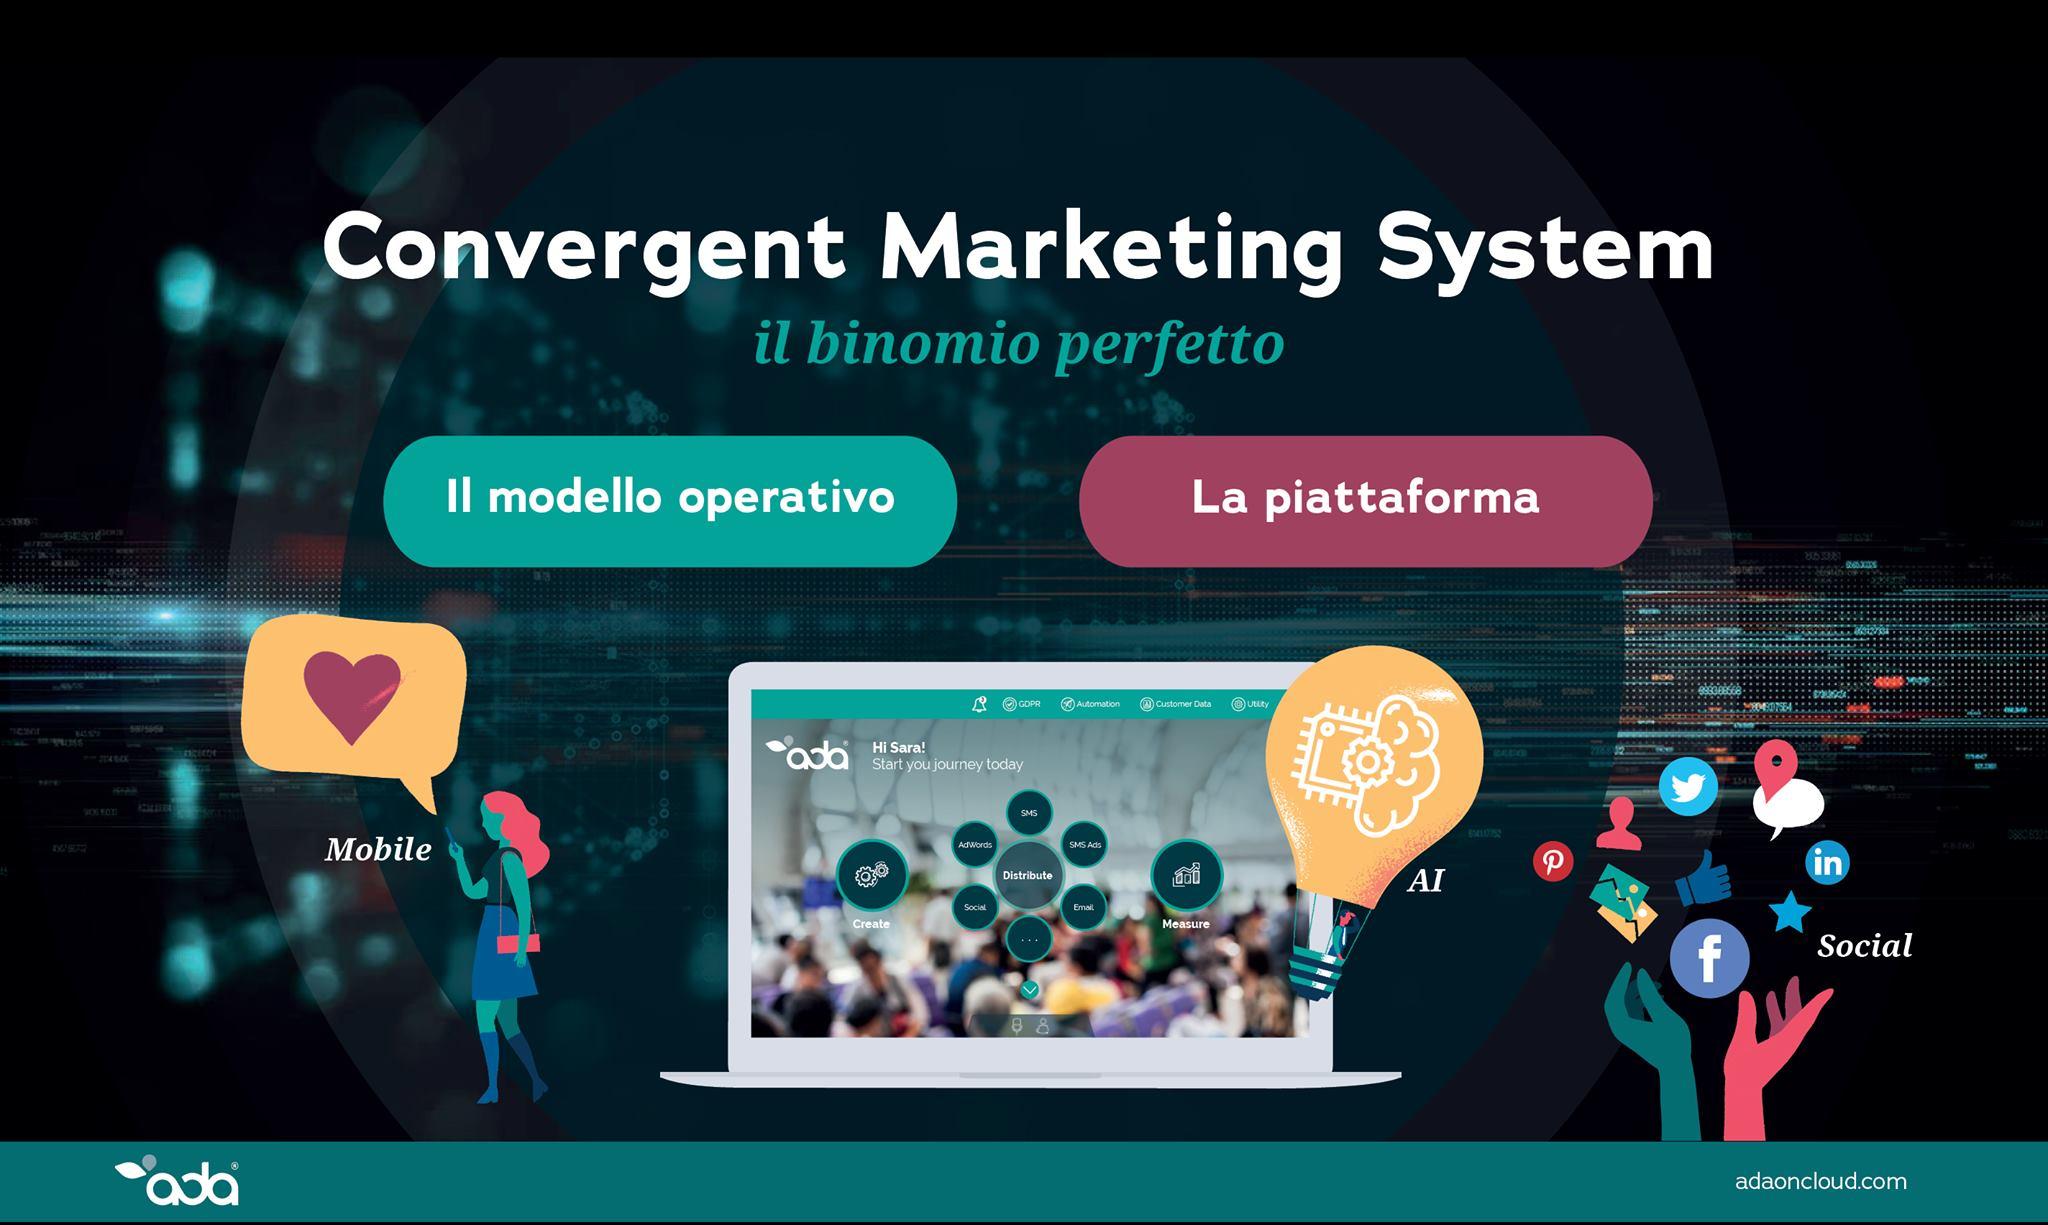 L'ecosistema Mobile Native per la tua comunicazione digitale